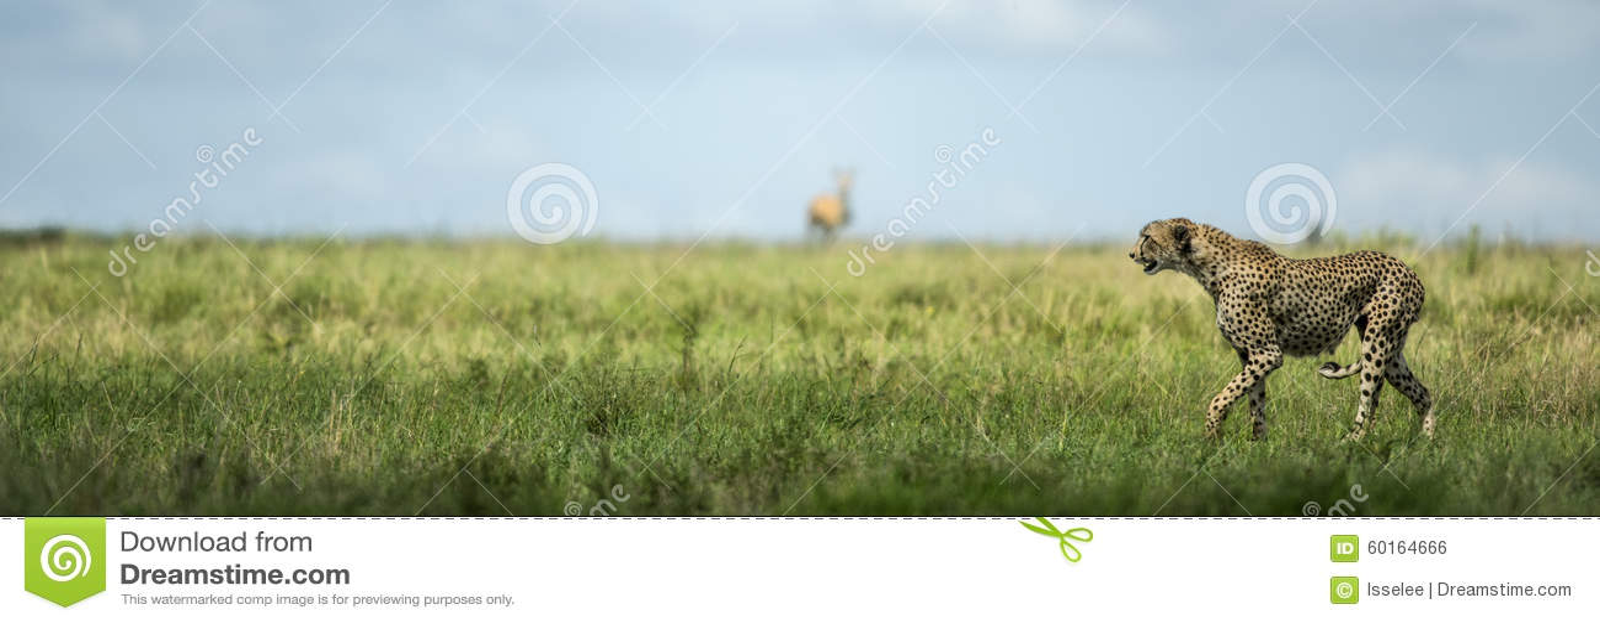 Внимательный гепард, Serengeti, Танзания